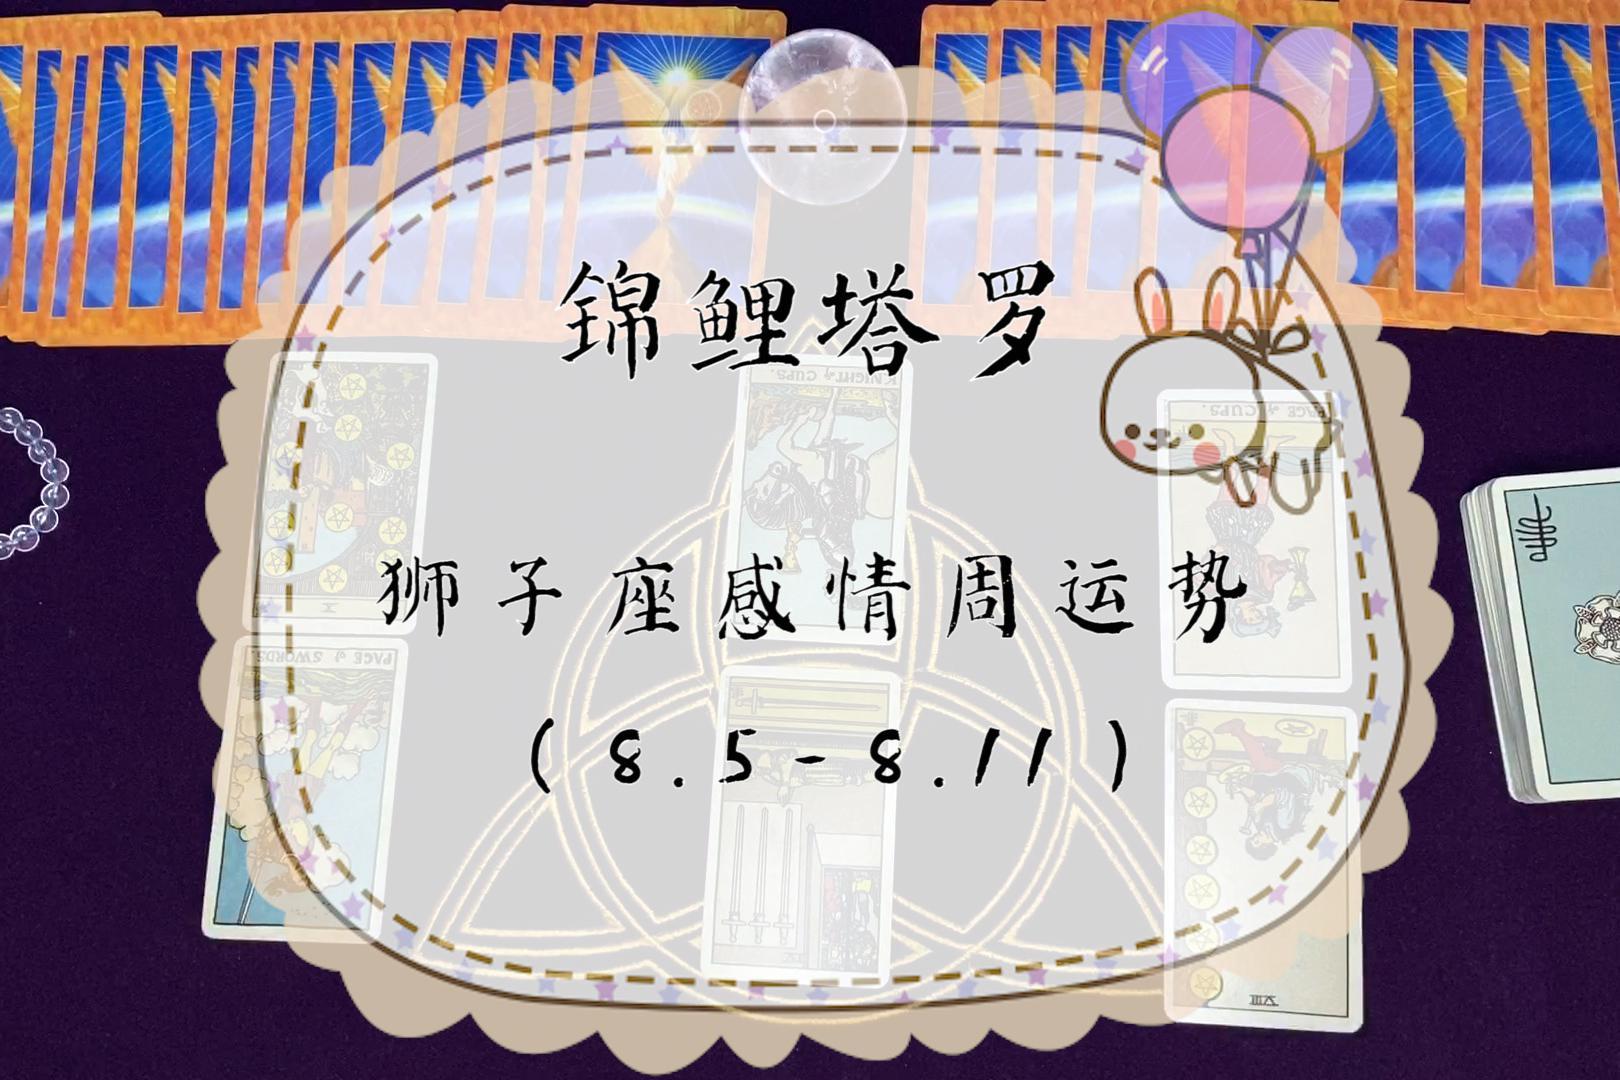 锦鲤塔罗:狮子座8.5-8.11感情周运势,不要羞于开口,喜欢就表白